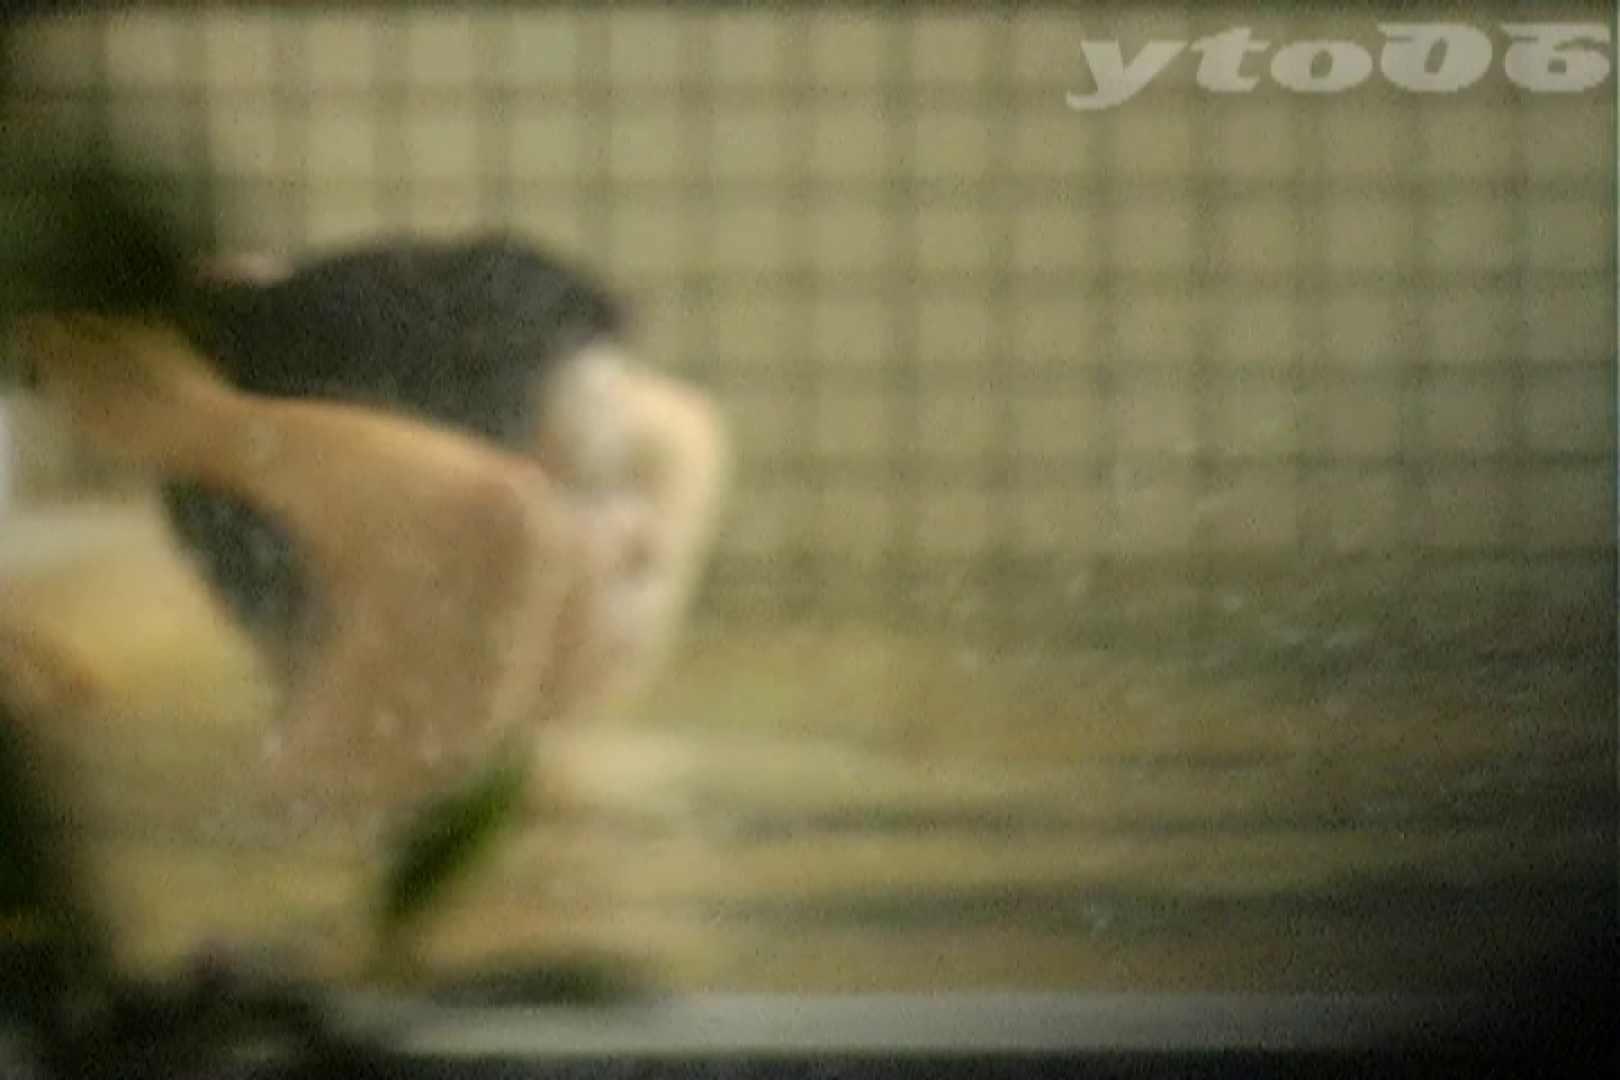 ▲復活限定▲合宿ホテル女風呂盗撮 Vol.34 合宿 覗きオメコ動画キャプチャ 63pic 5